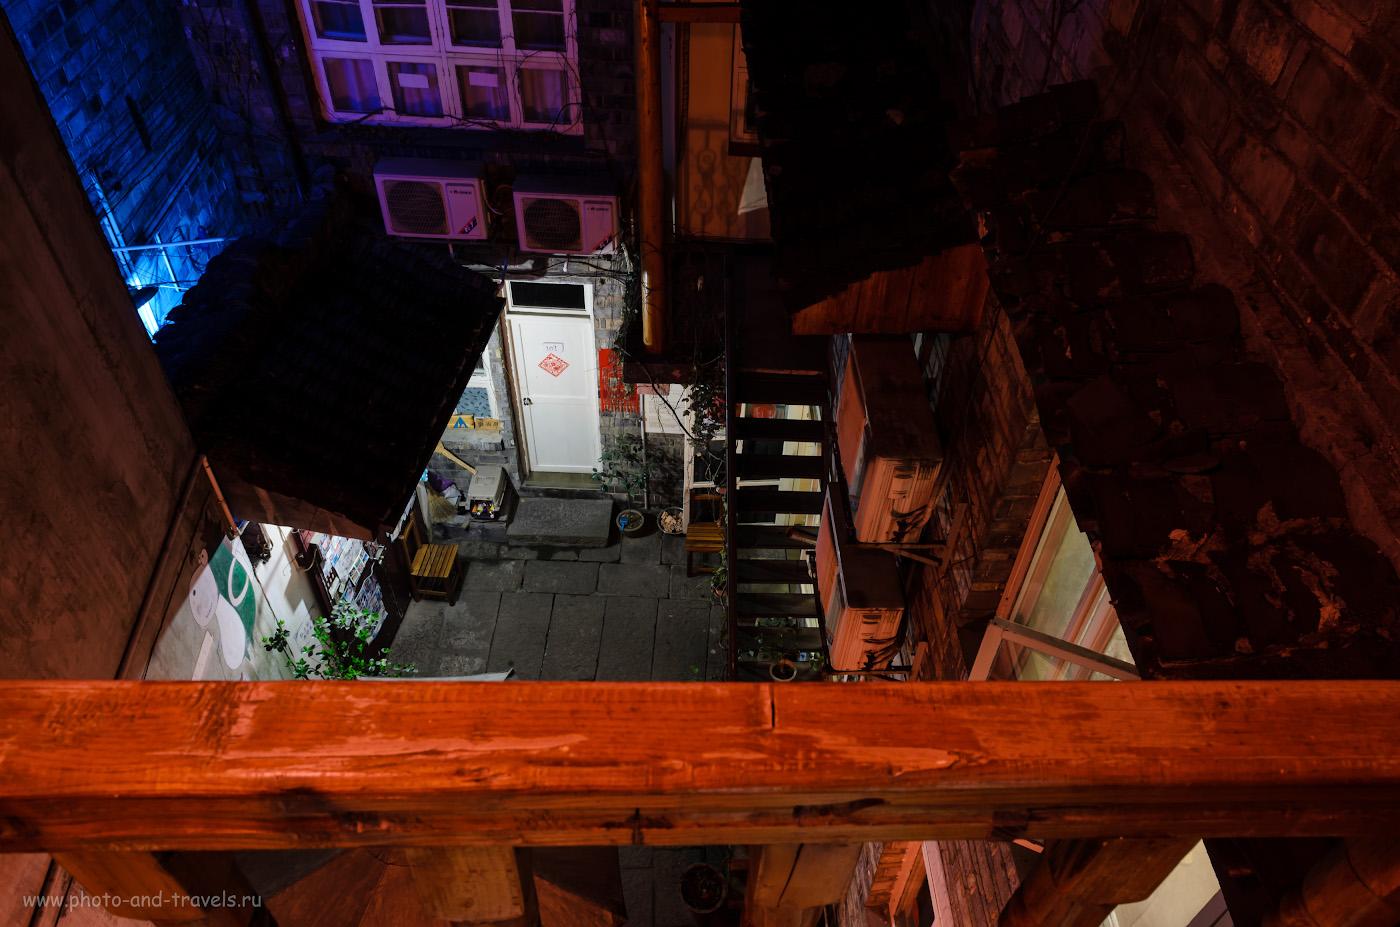 11. Советую, где поселиться в городе Фэнхуан. Дворик нашего хостела. Всё красное, так как слева у фотографа - красный китайский фонарик. Как мы доехали из Zhangjiajie в Fenghuang Ancient Town на автобусе. Настройки: В=30 сек., f/10. ISO 100, ФР=17 мм.